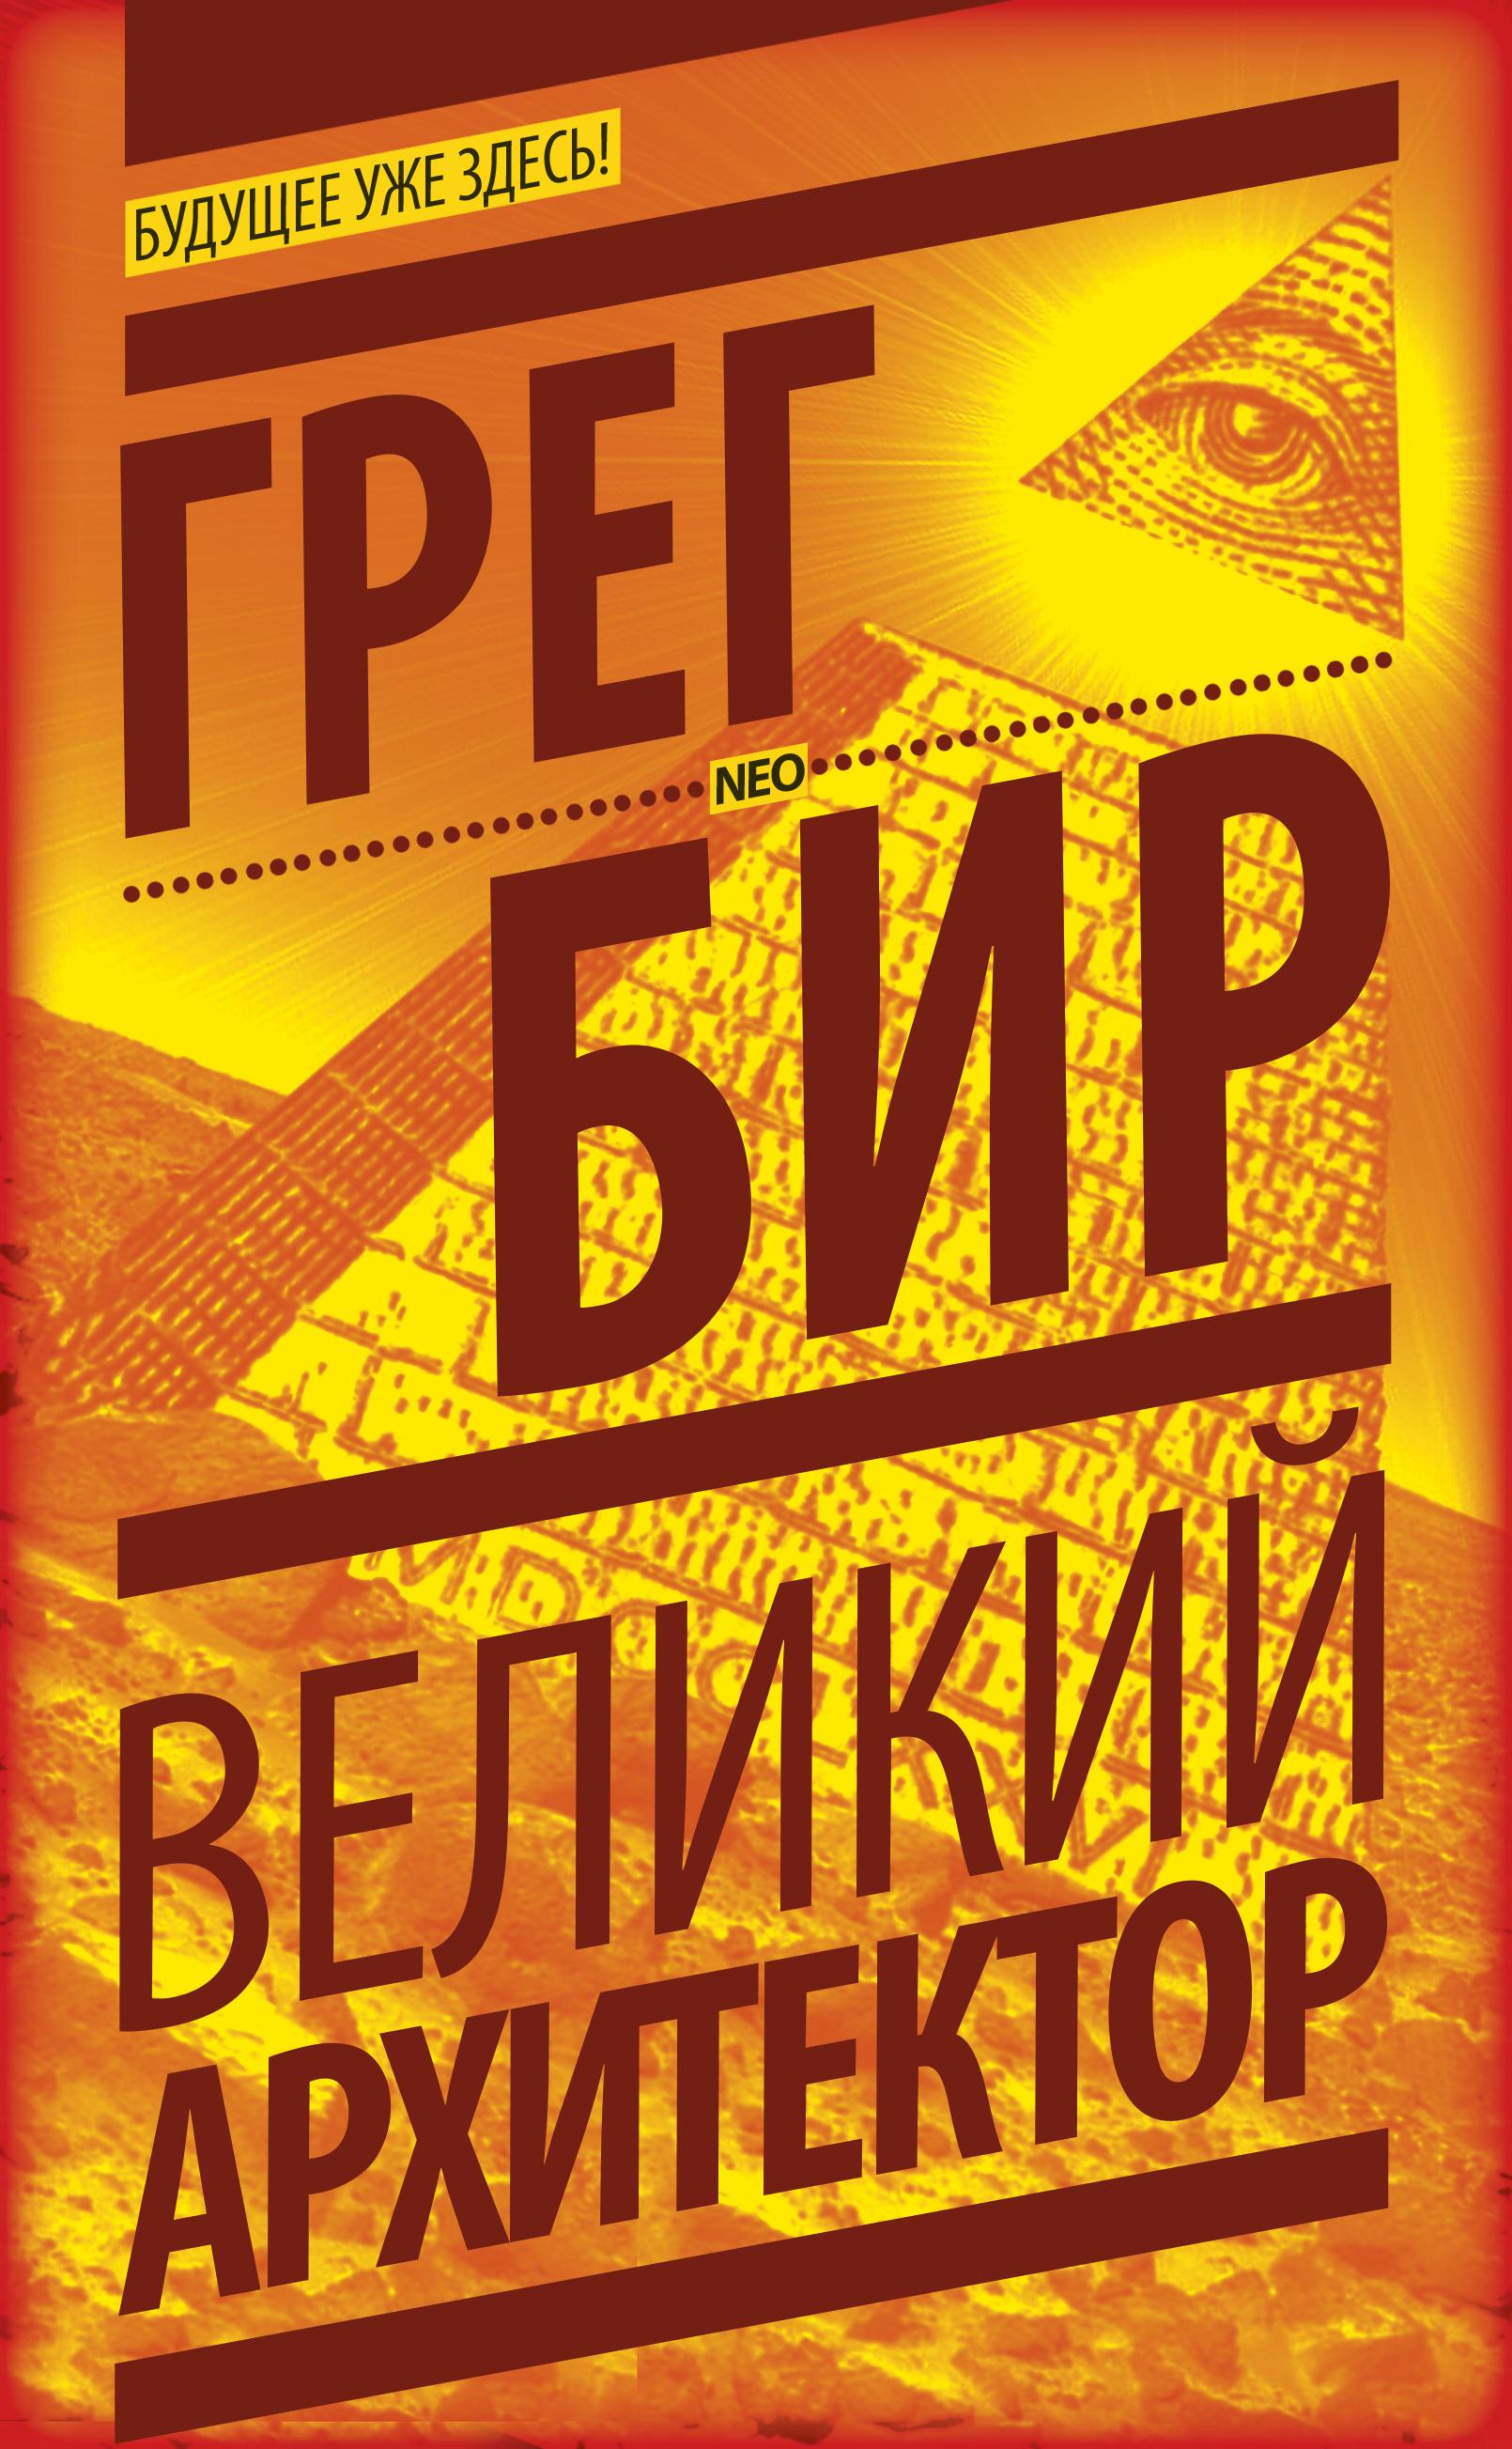 Грег Бир - Великий Архитектор